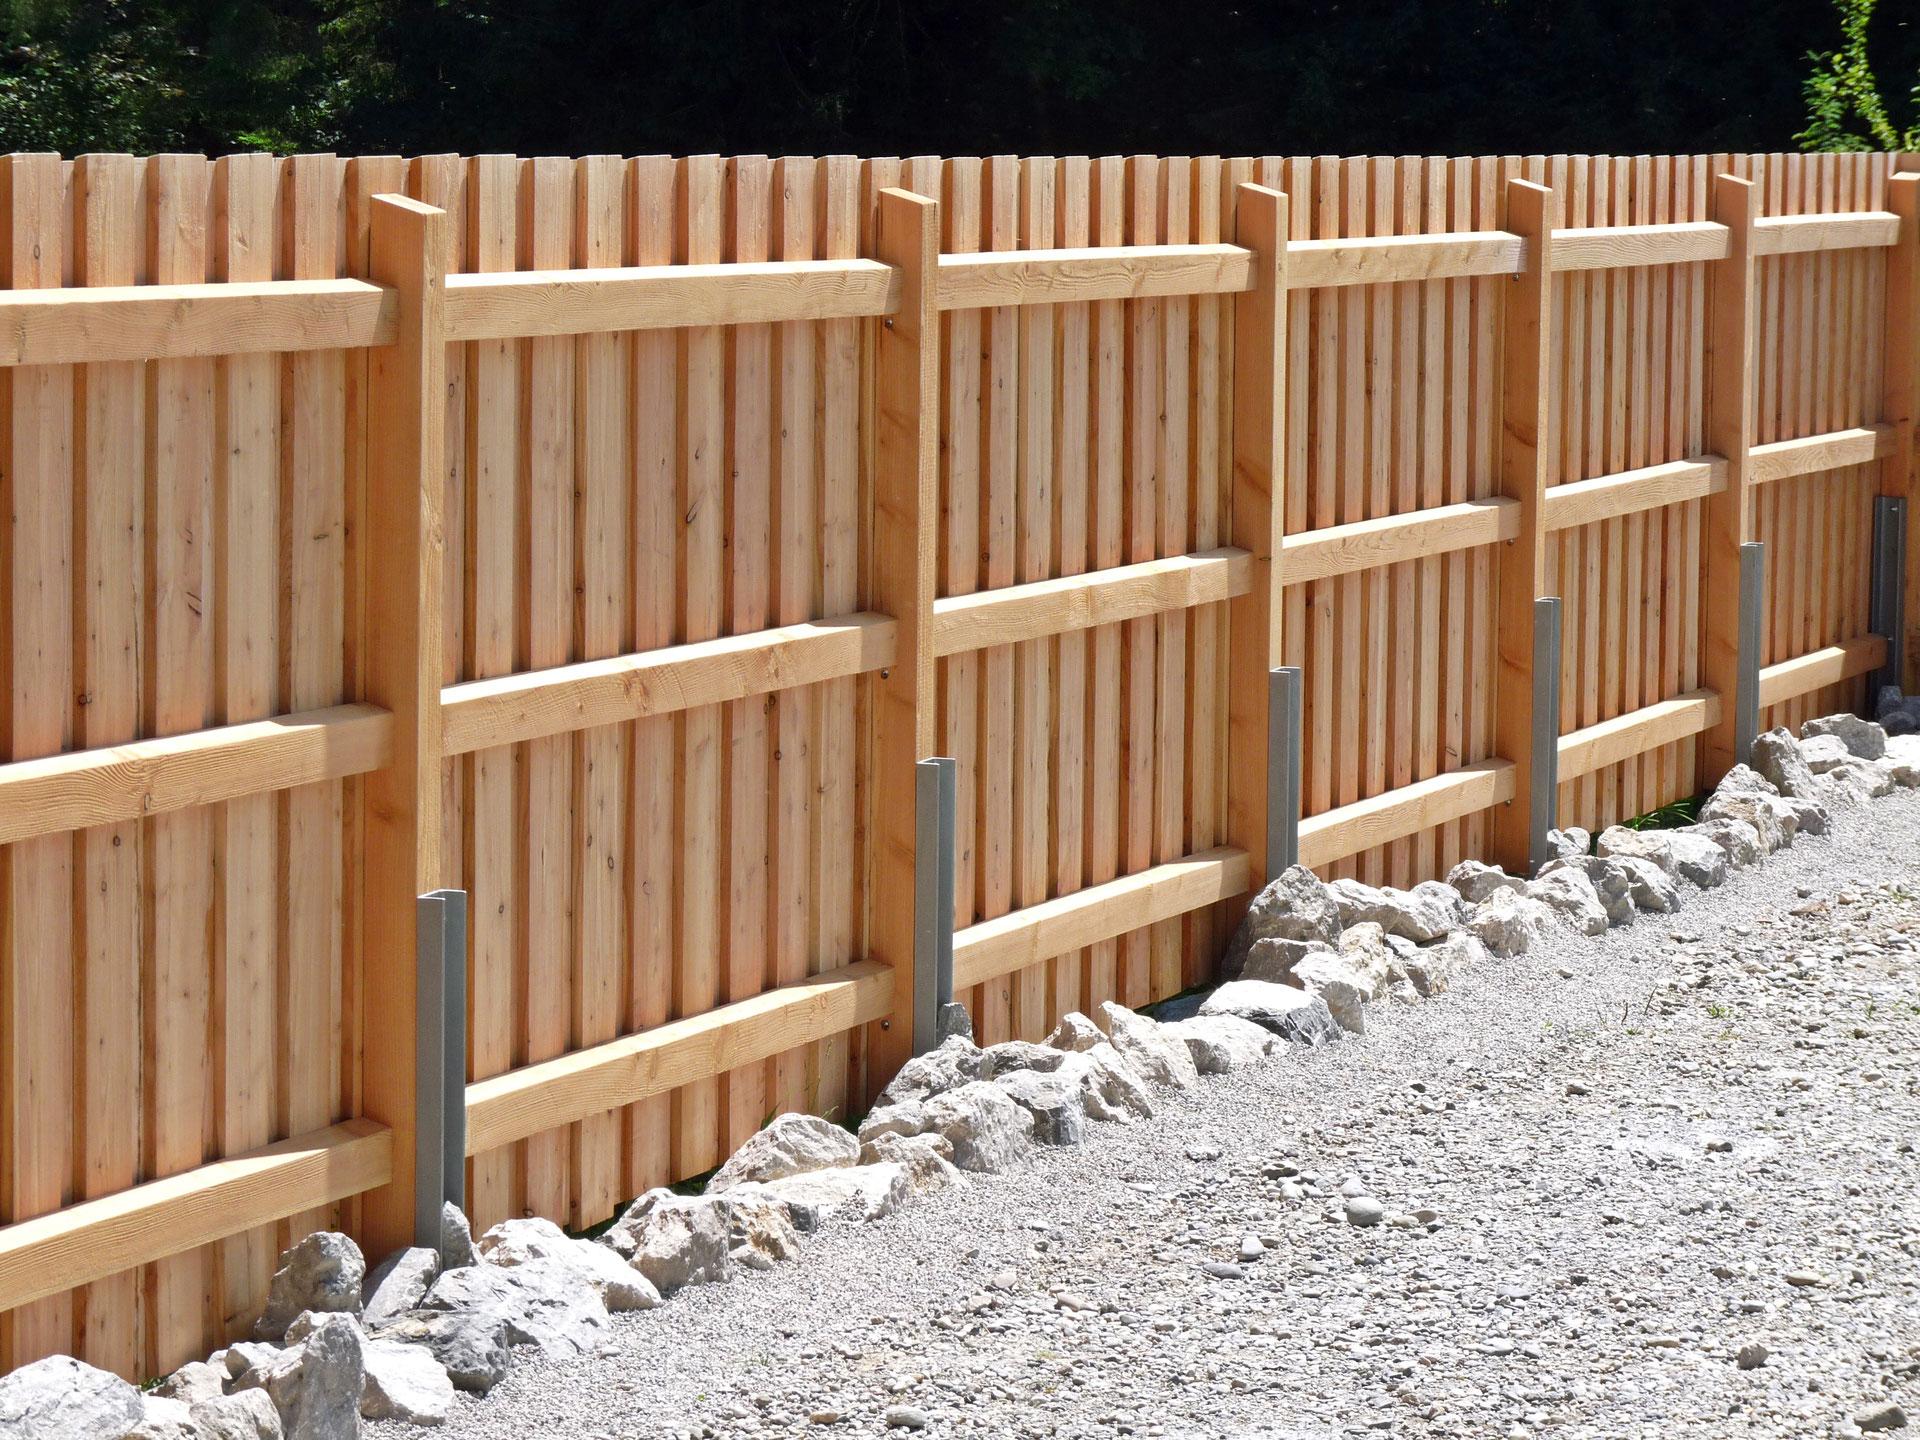 Sichtschutzzaun Larche Massiv Brecht Nagele Gmbh Baumpflege Spezialfallung Kletterarbeiten Gartenbau